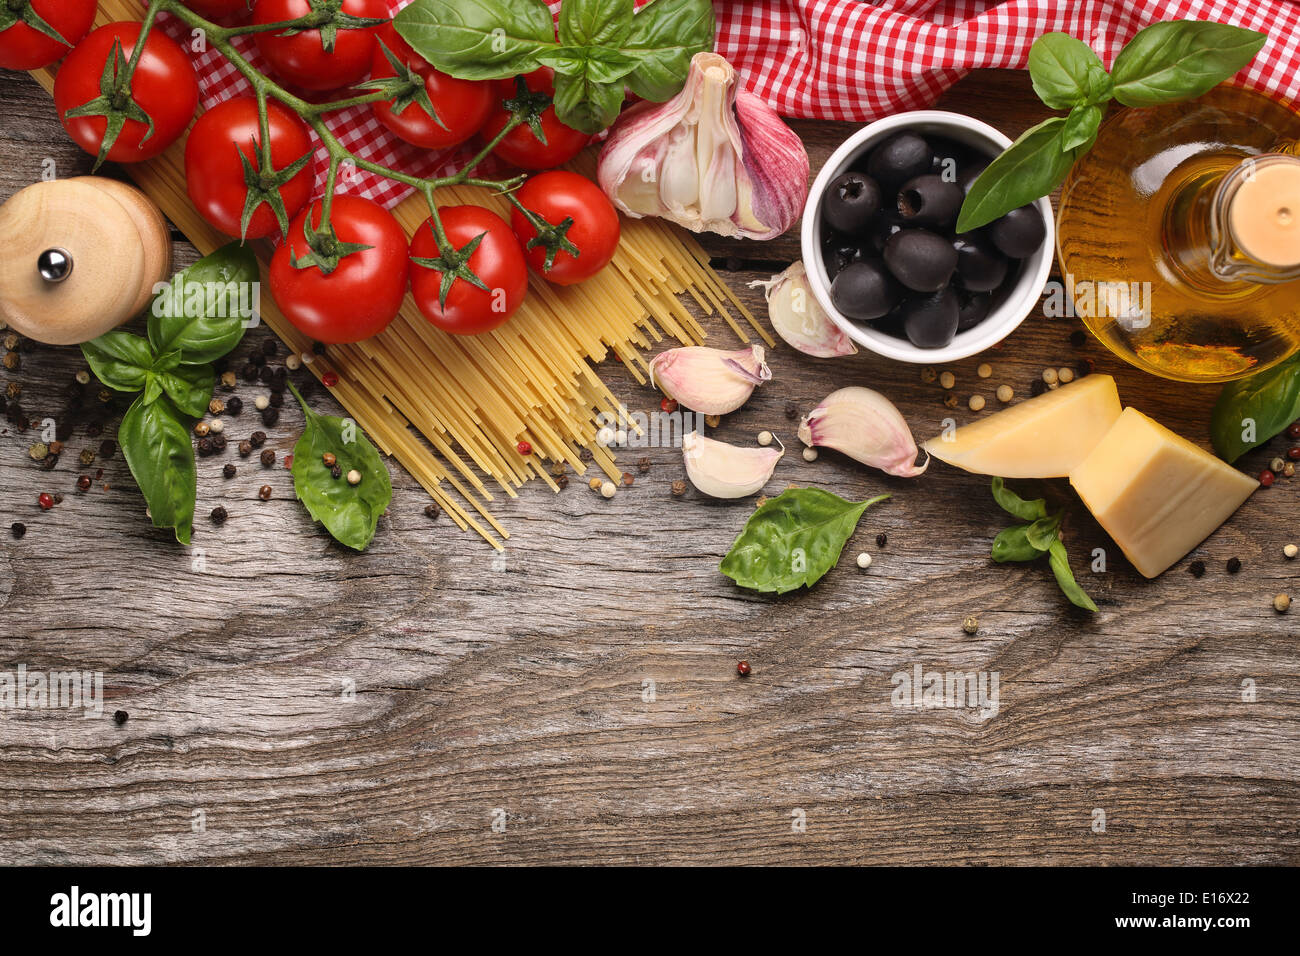 Ingrédients alimentaires italiennes sur fond de bois Photo Stock